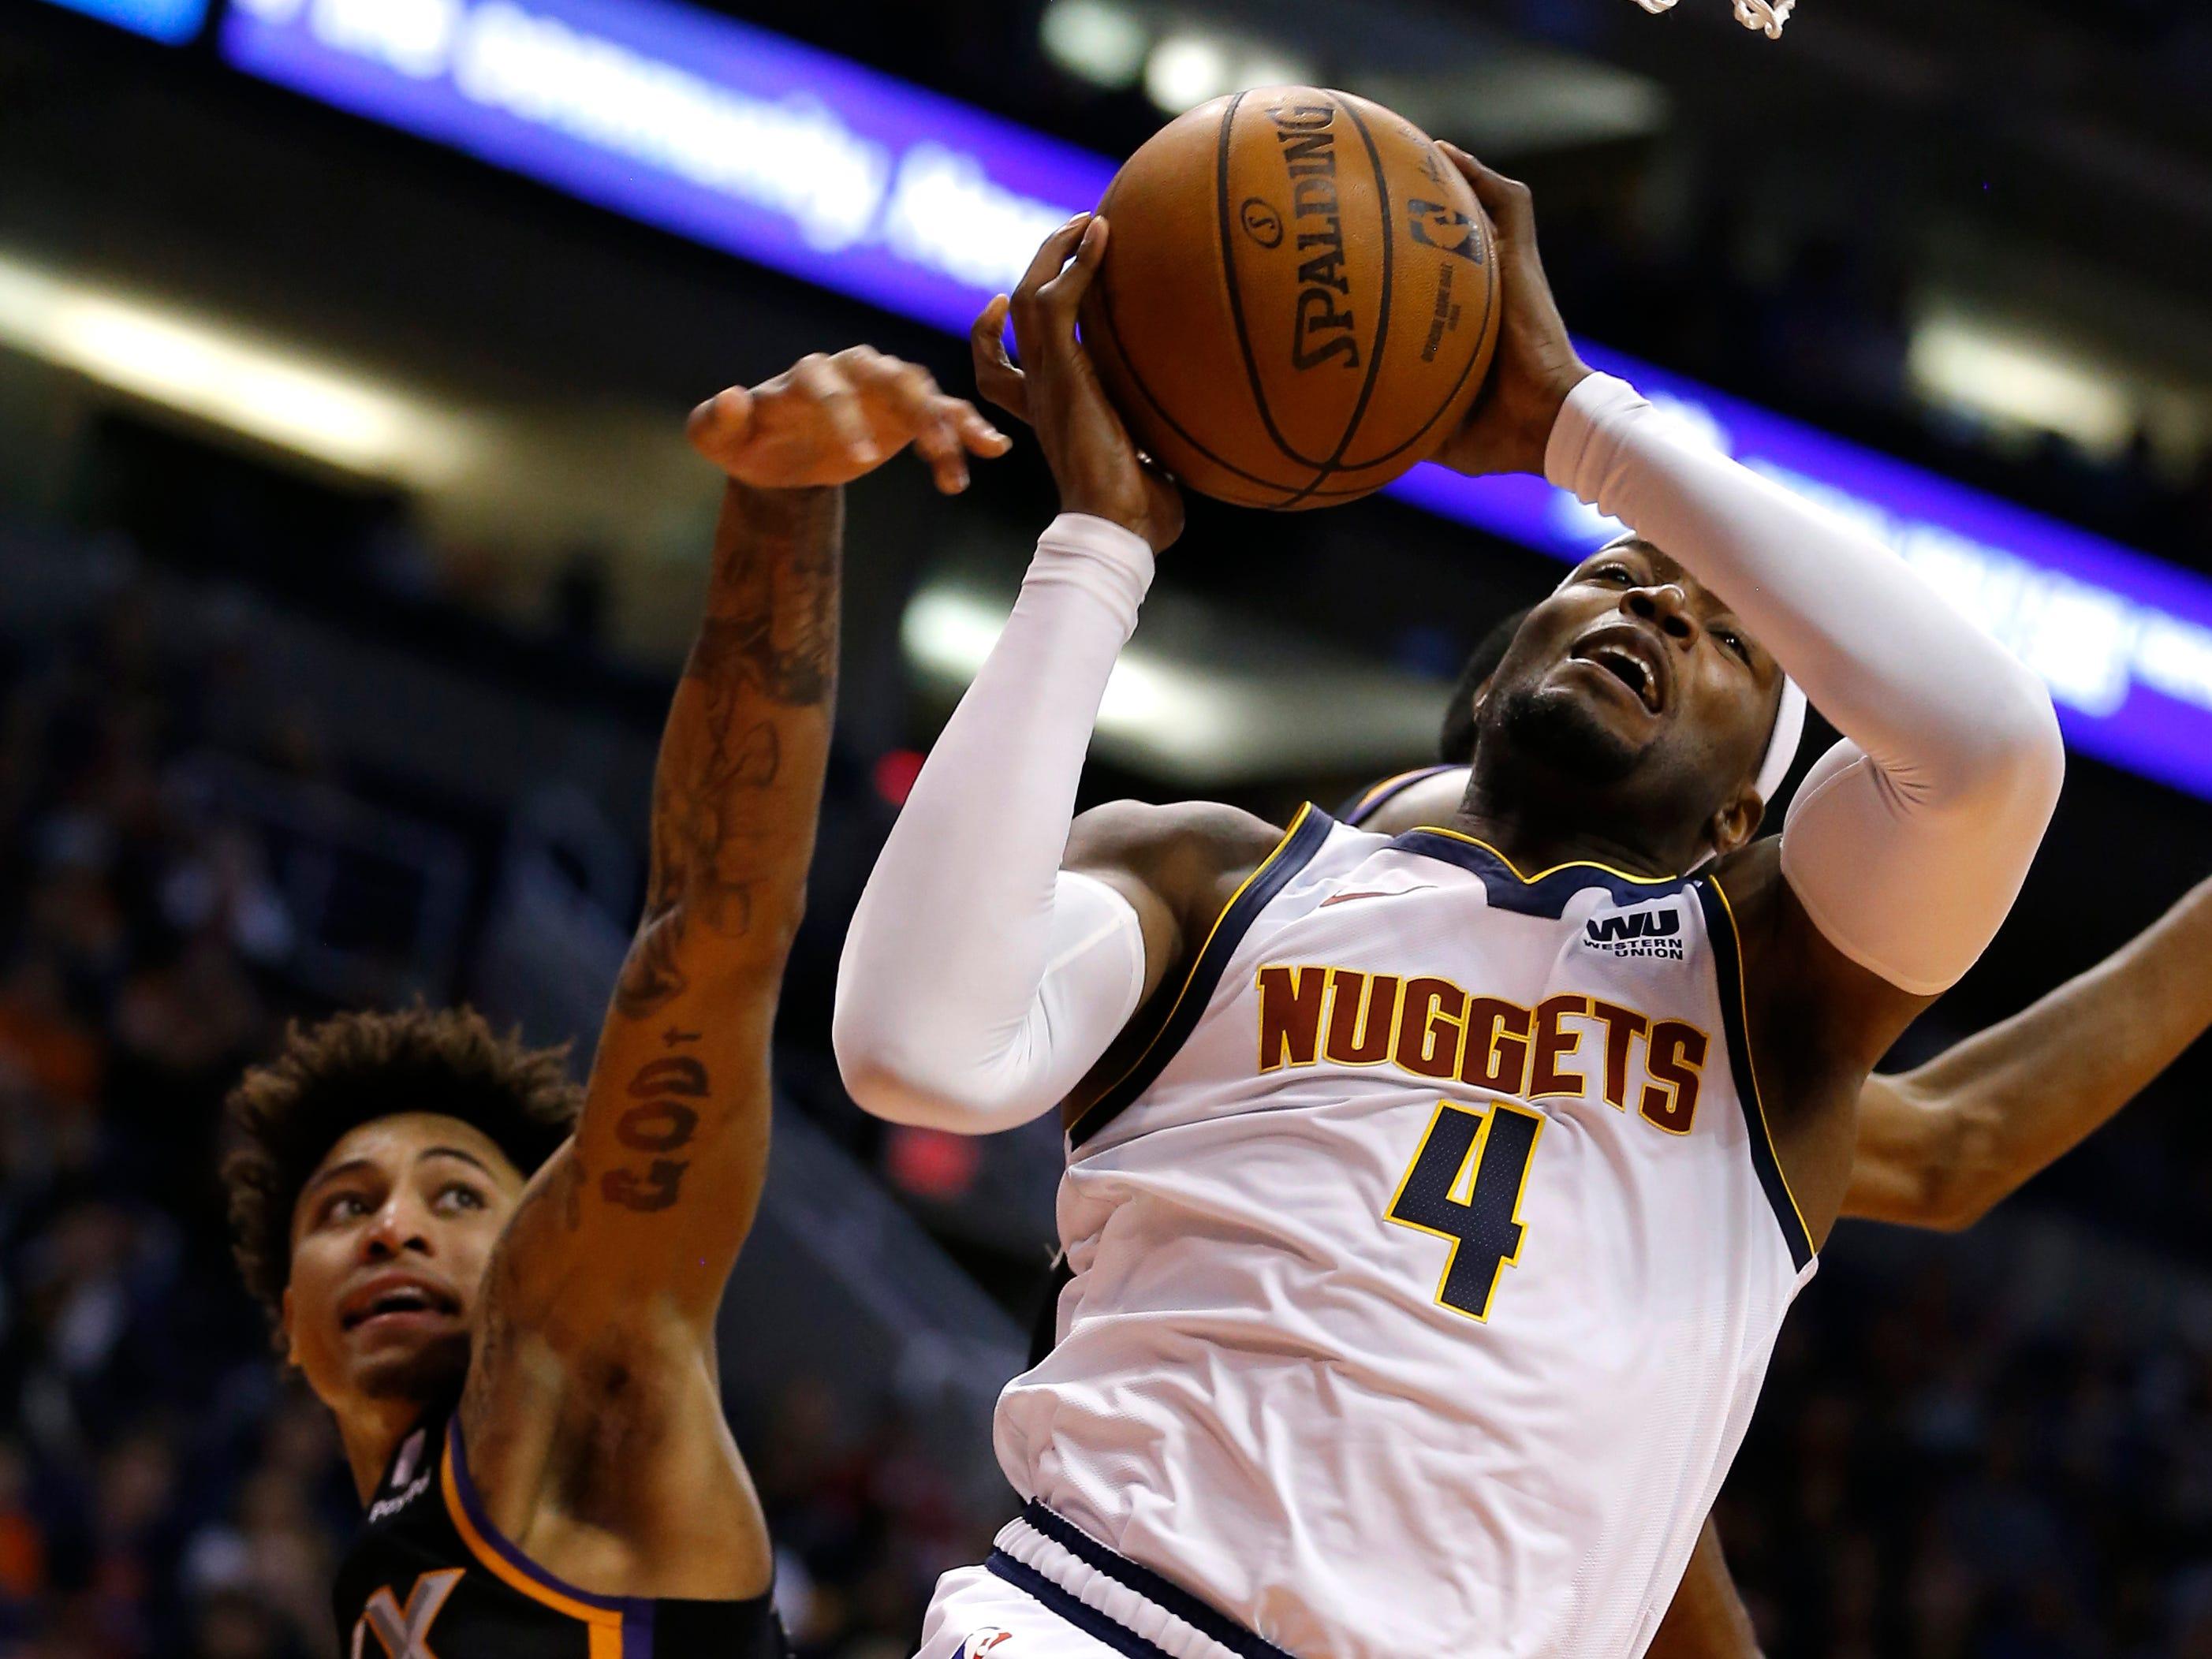 Denver Nuggets forward Paul Millsap (4) drives past Phoenix Suns forward Kelly Oubre Jr., Jan. 12, 2019, in Phoenix. (AP Photo/Rick Scuteri)